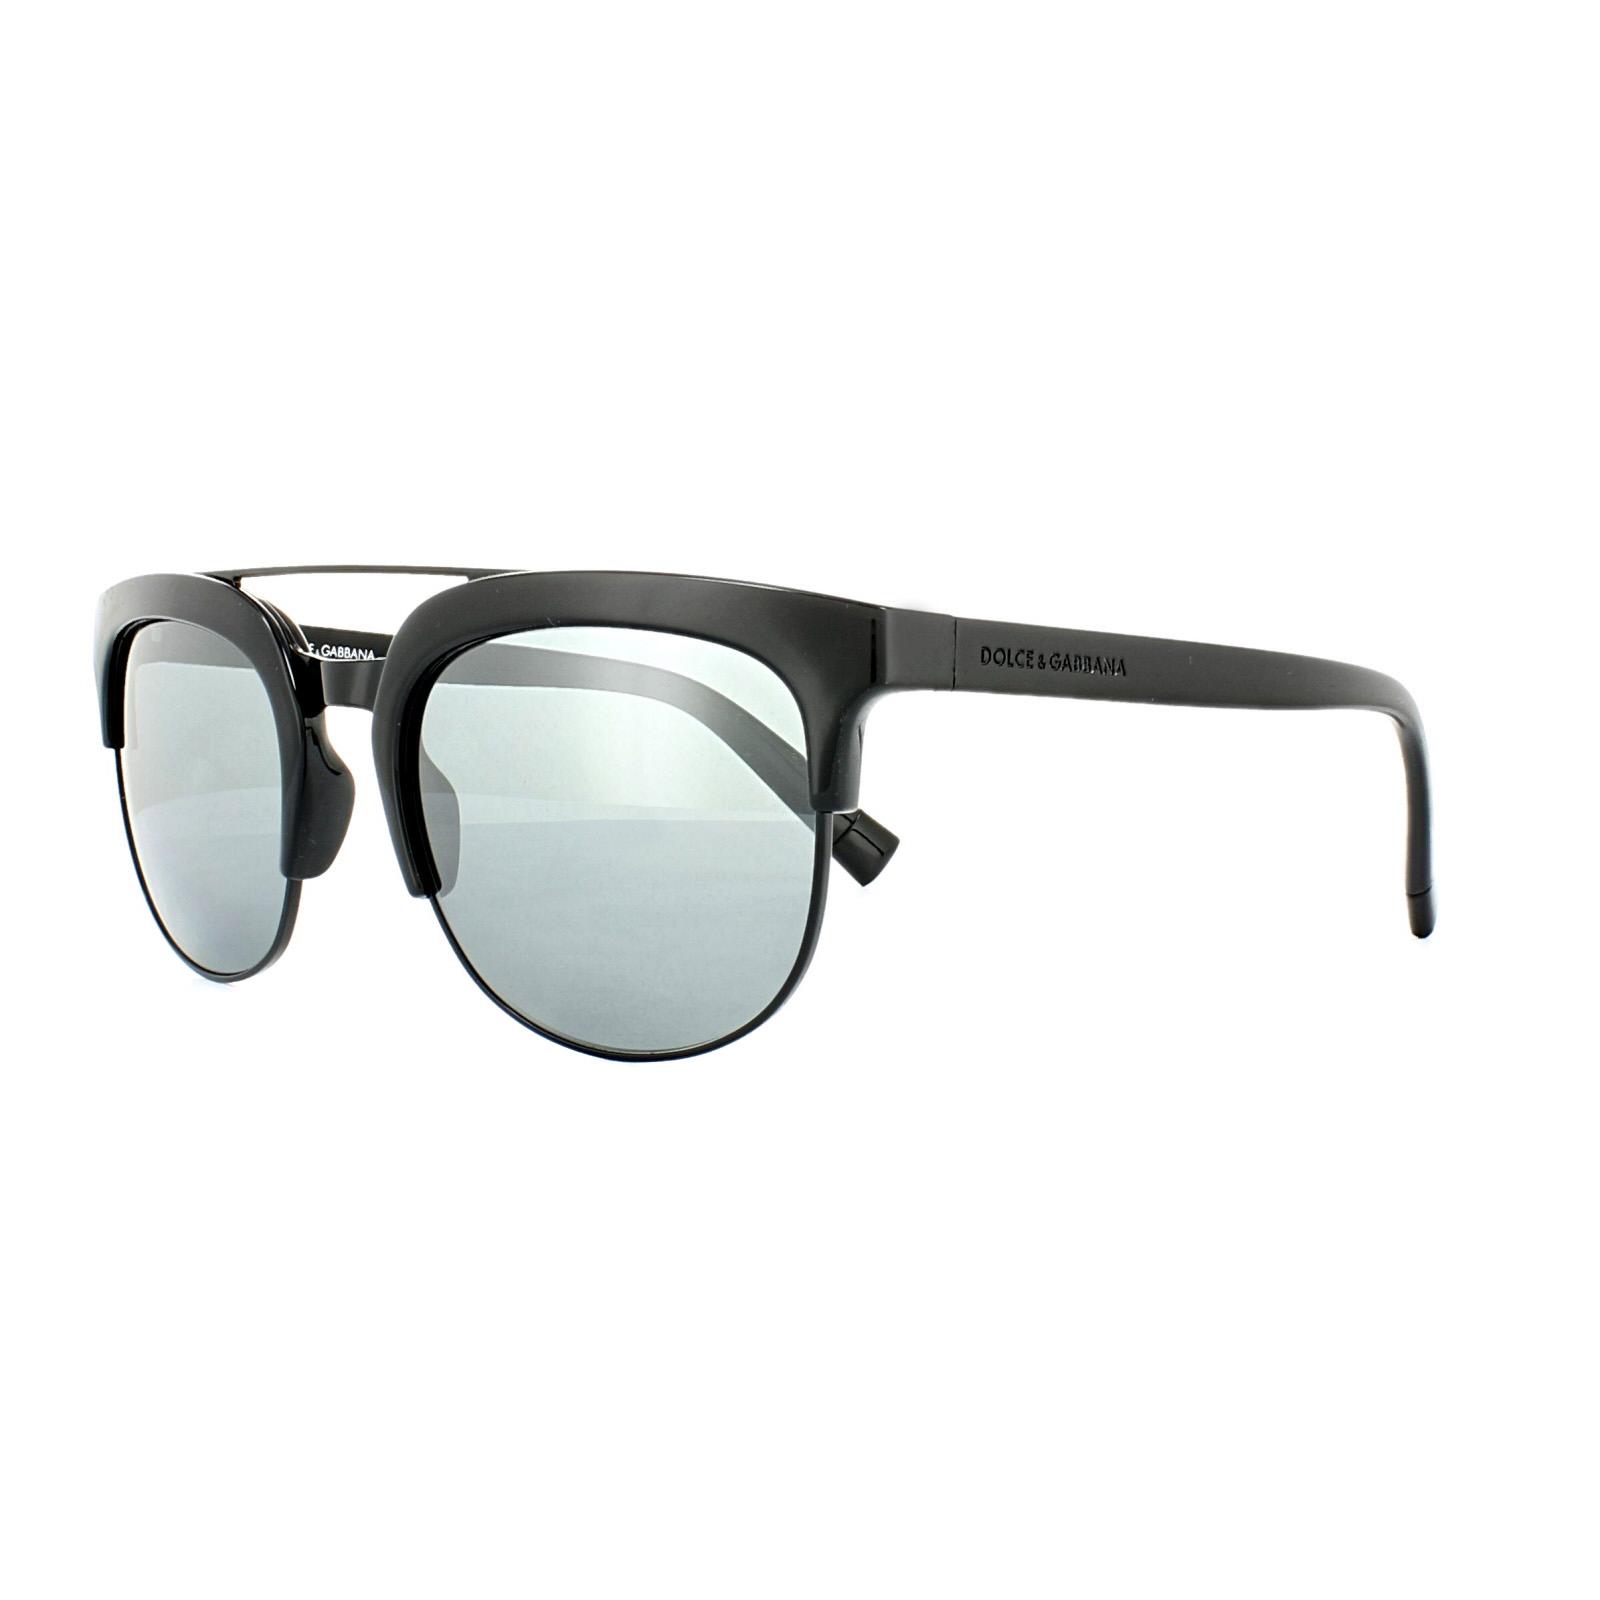 Sentinel Dolce   Gabbana Sunglasses 6103 501 6G Black Grey Mirror 204cb8ff431e